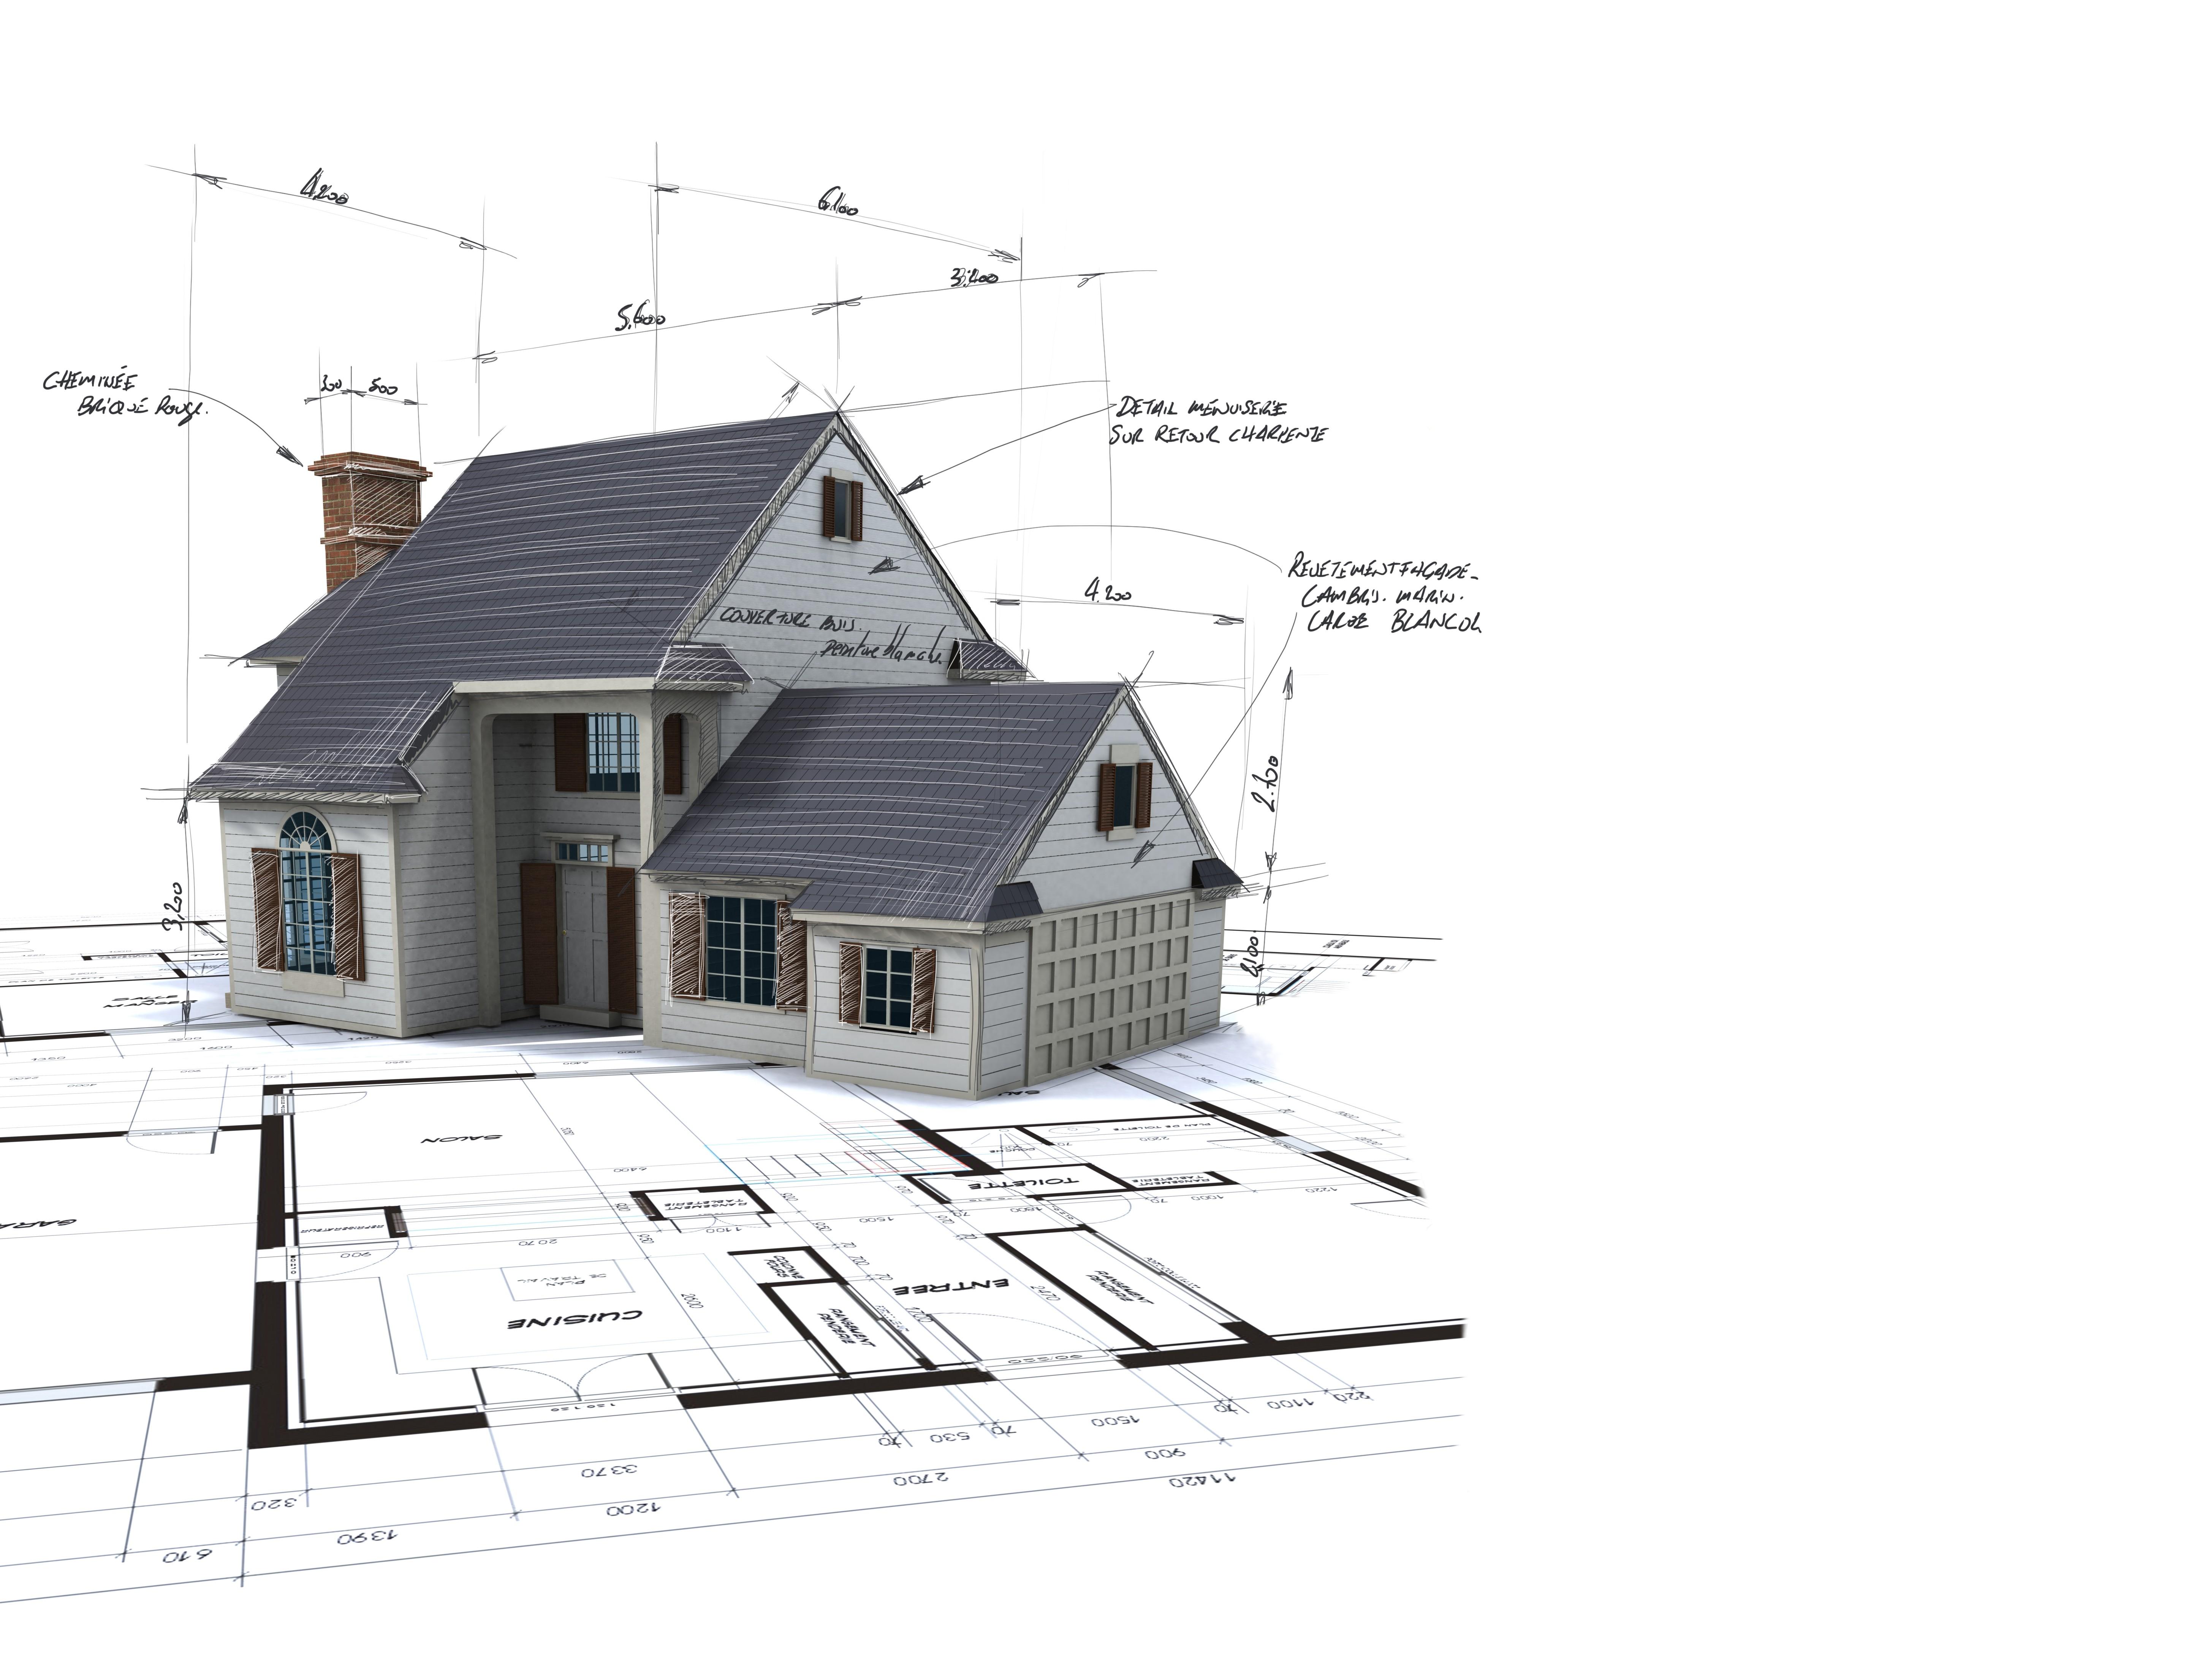 IBD - Interactive Building Design